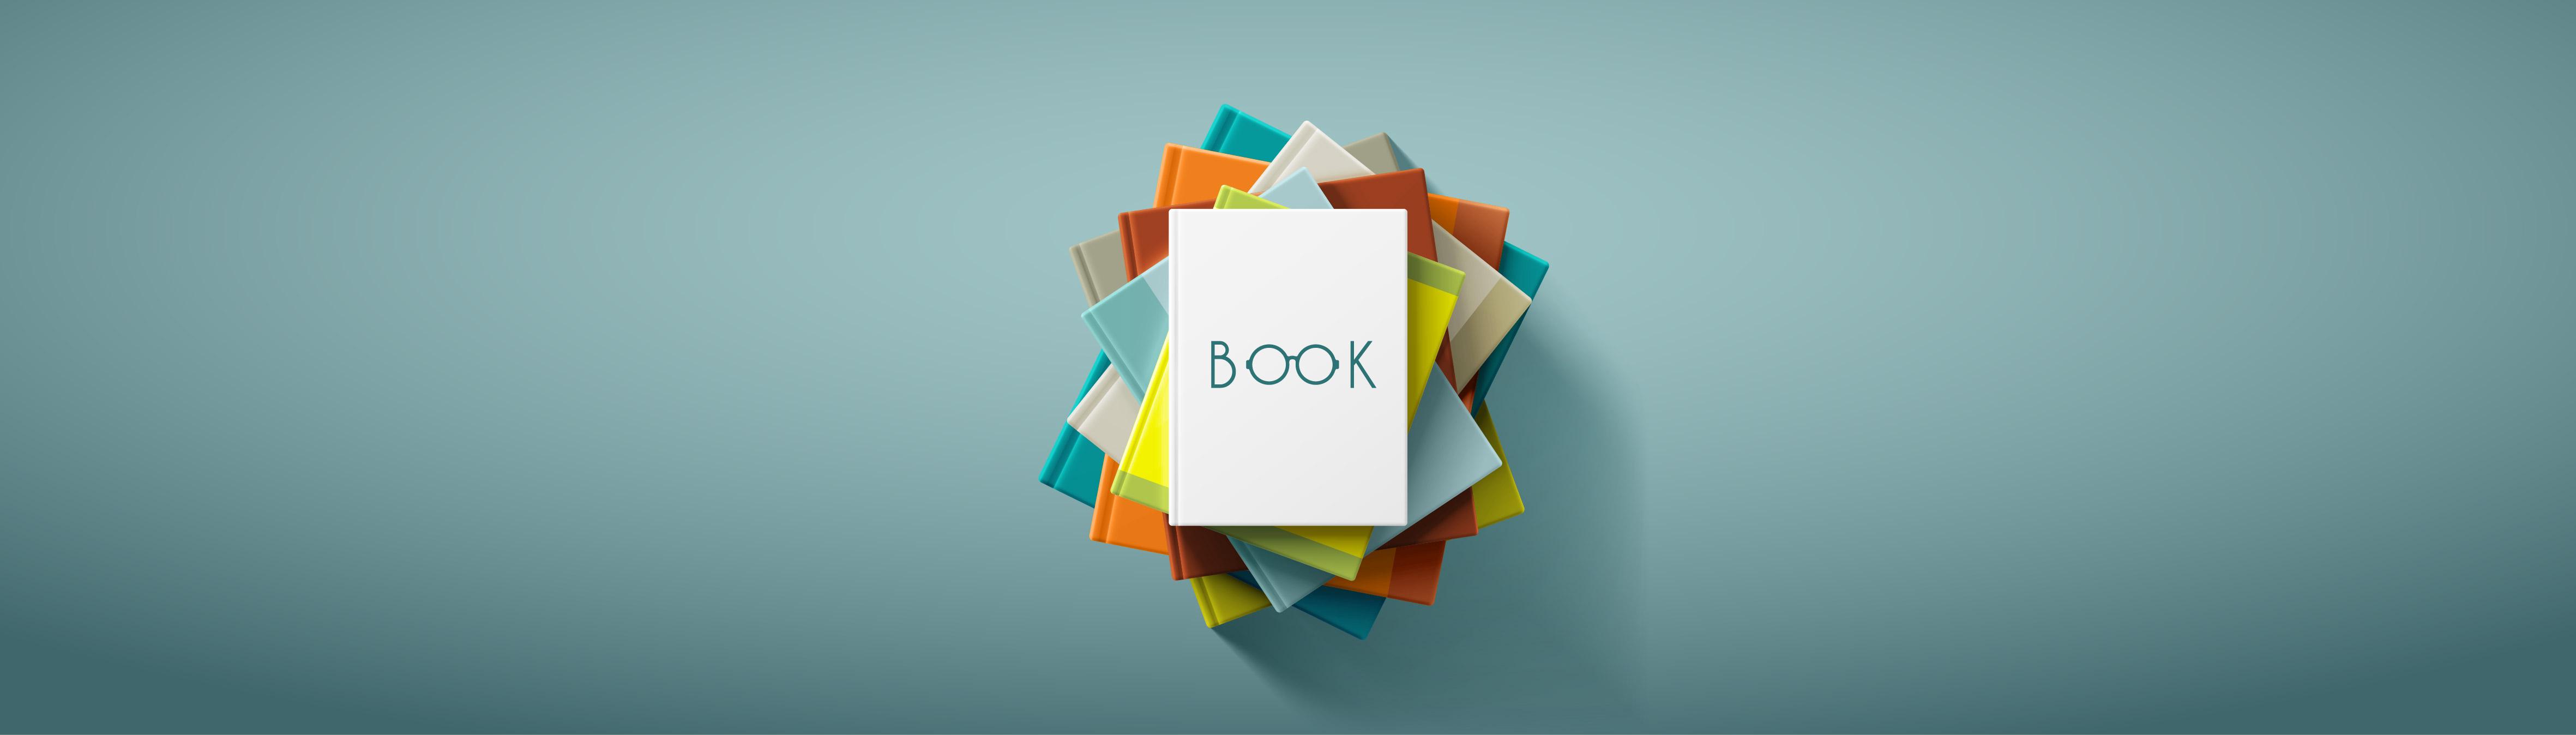 תמונות ספרים